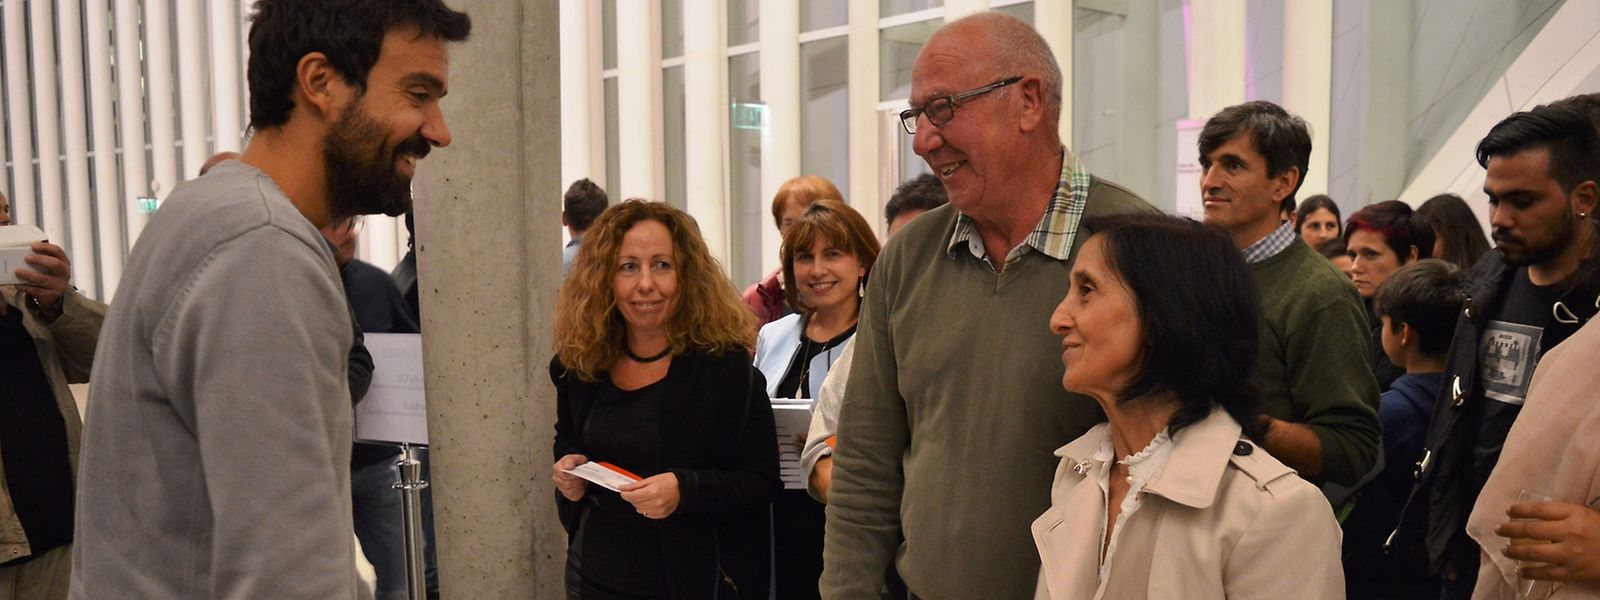 Miguel Araújo diz que ficou surpreendido com o carinho do público do Luxemburgo